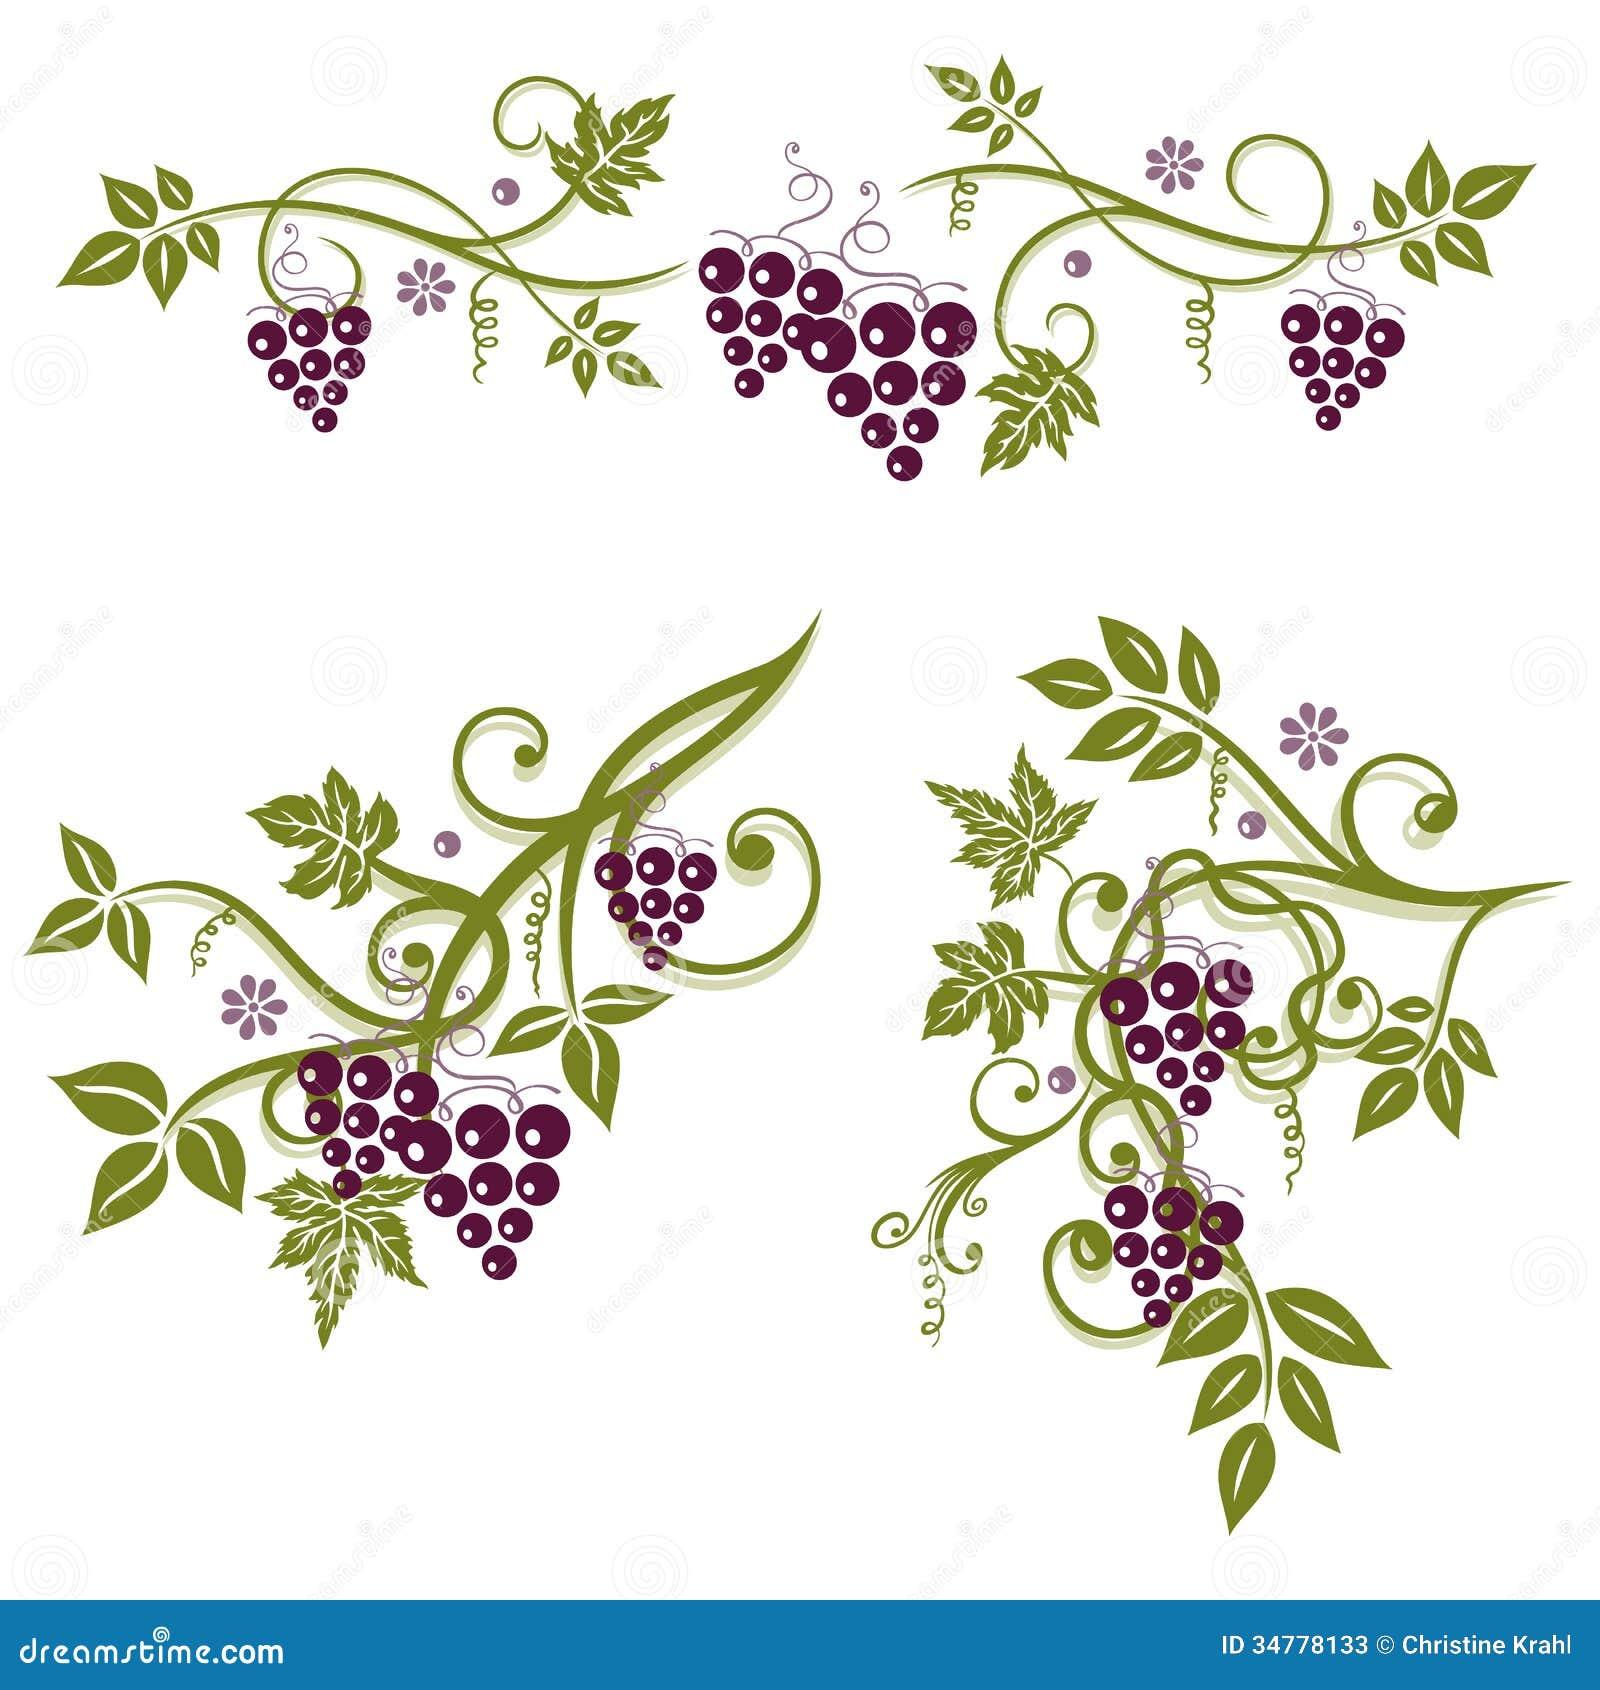 weinblätter trauben vektor abbildung illustration von